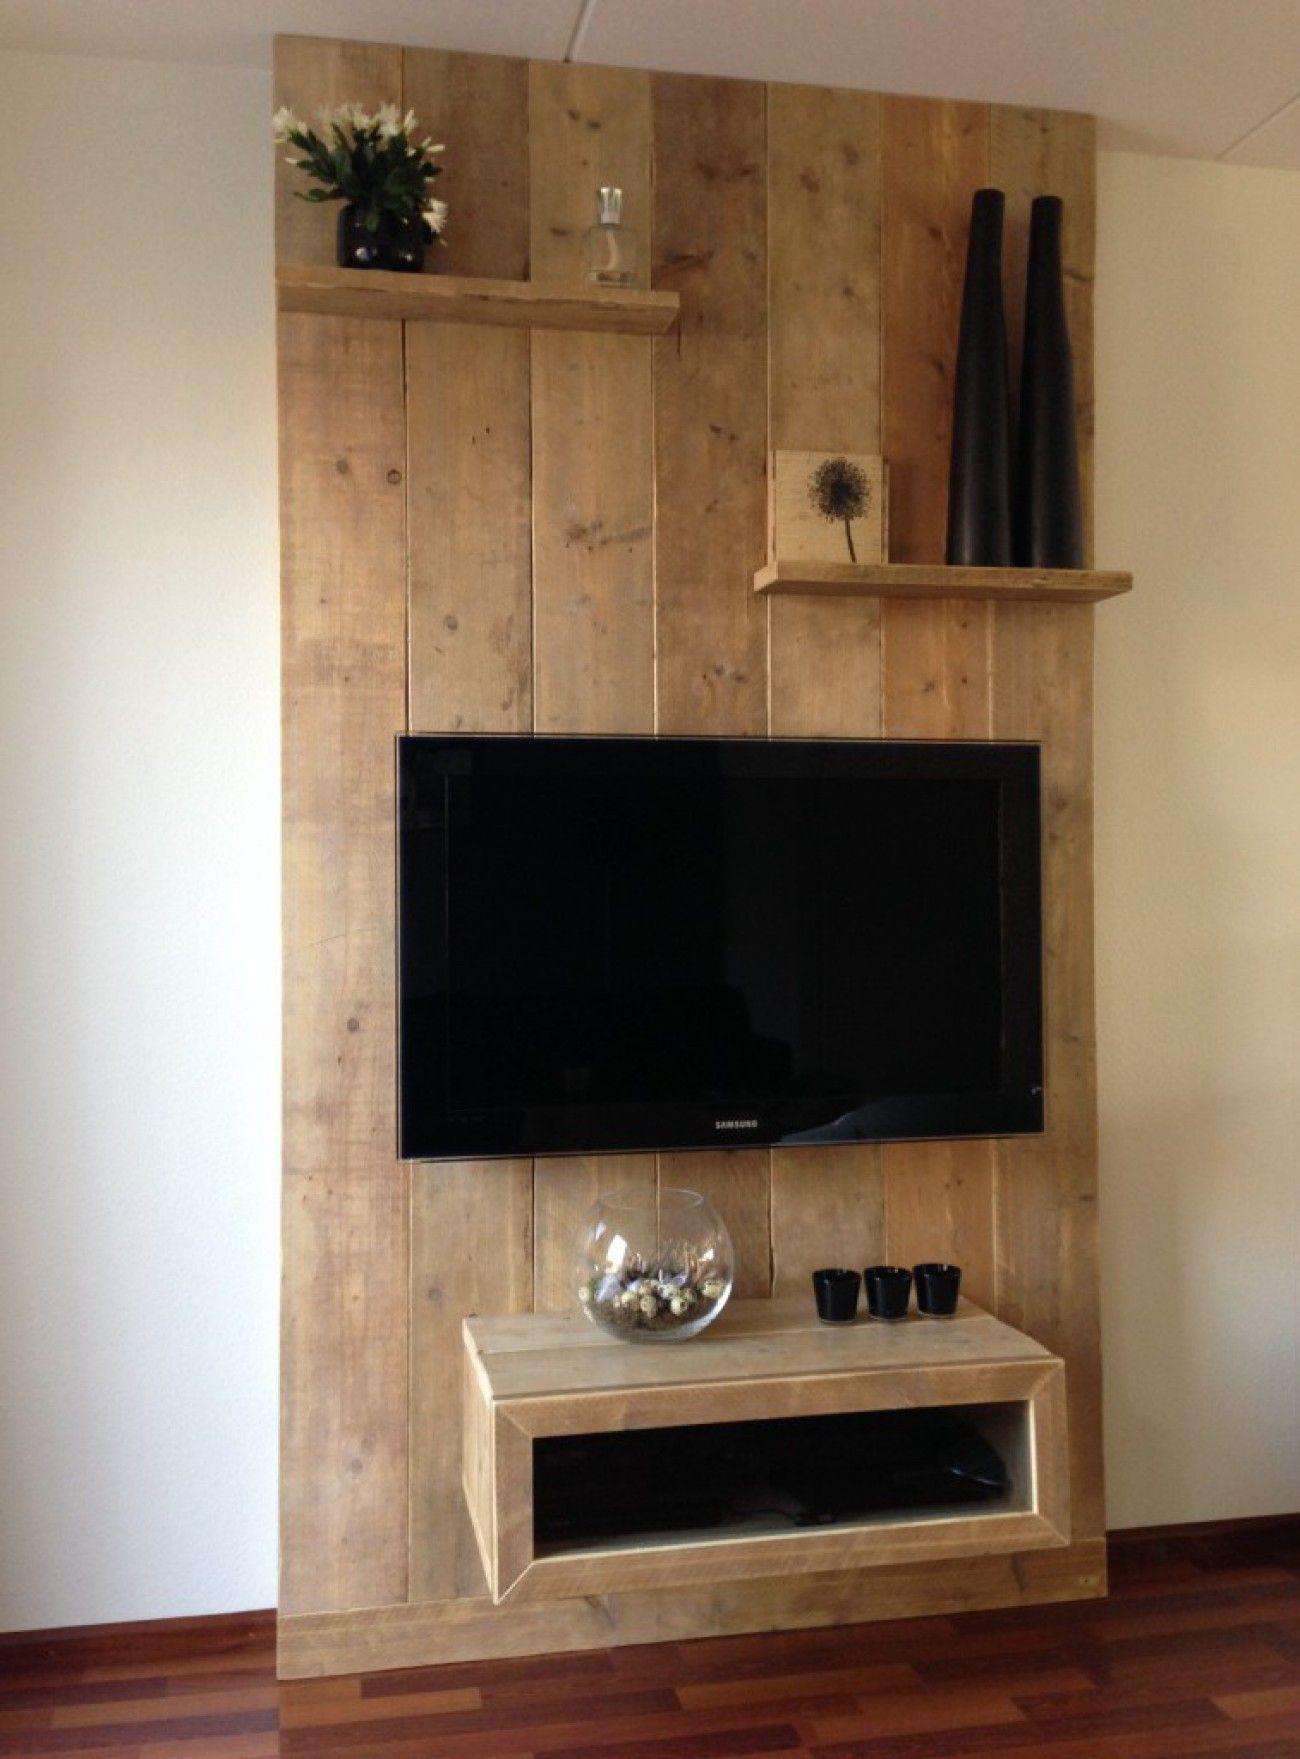 oud steigerhouten tv wand. gemaakt voor een klant | woonkamer, Wohnzimmer dekoo